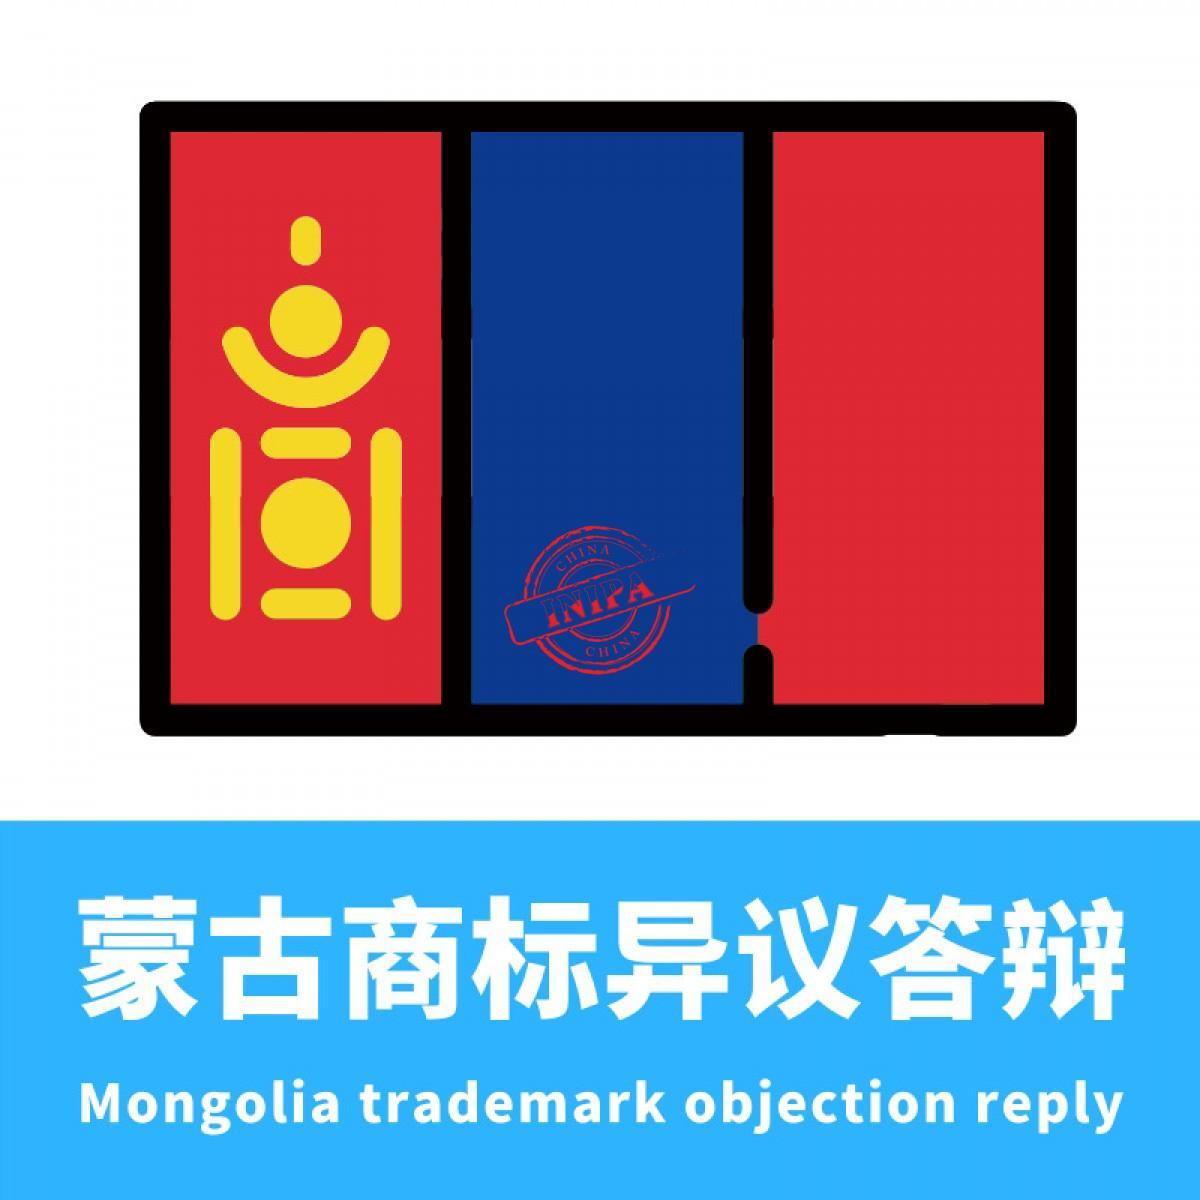 蒙古商标异议答辩/Mongolia trademark objection reply